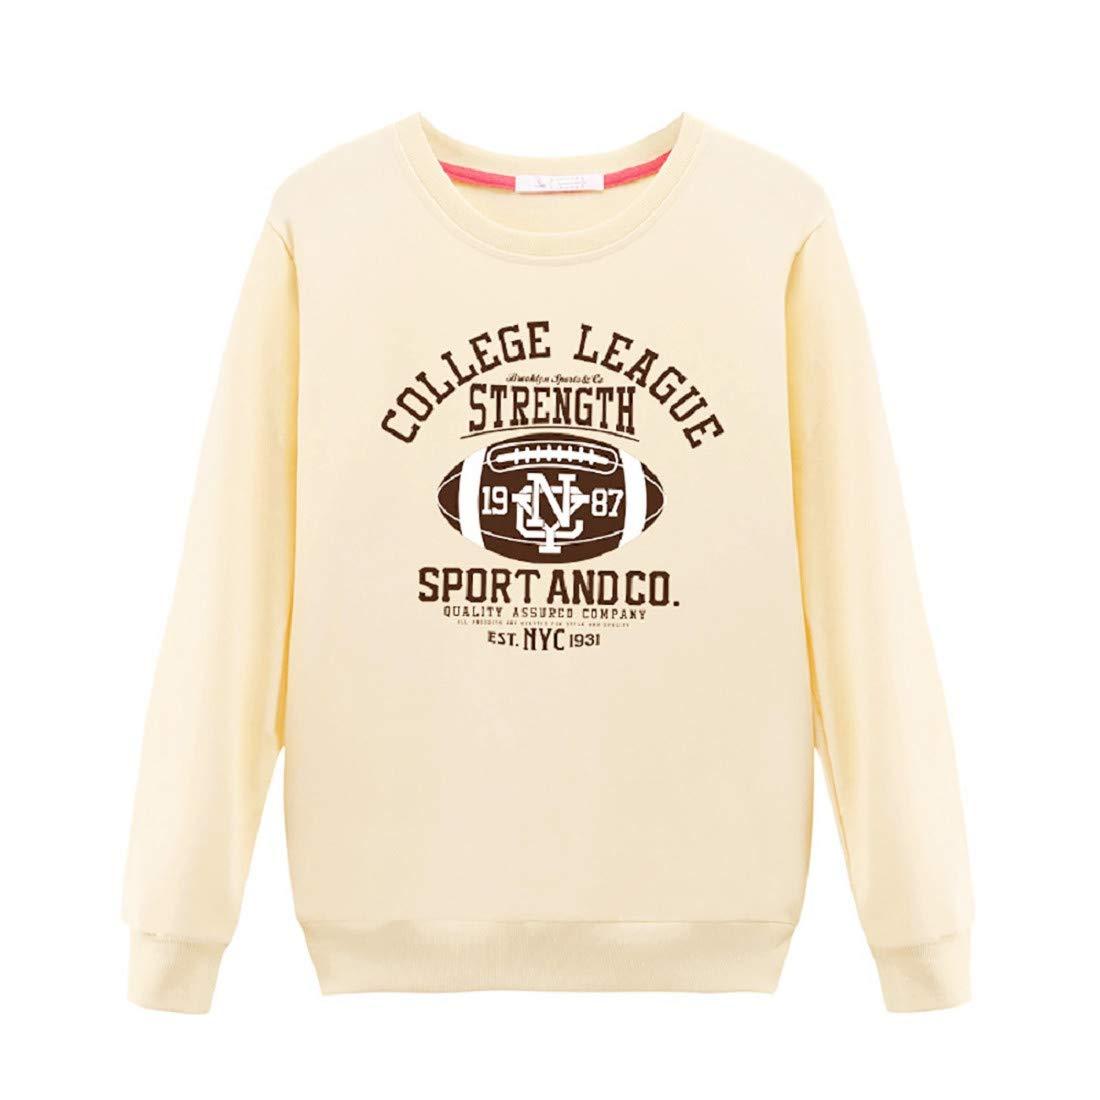 Sweatshirt for Woman Ladies Thermal Tops Ladies Sports Tops Ladies Slimming Tops Ladies Nautical Tops Closeout Hoodie